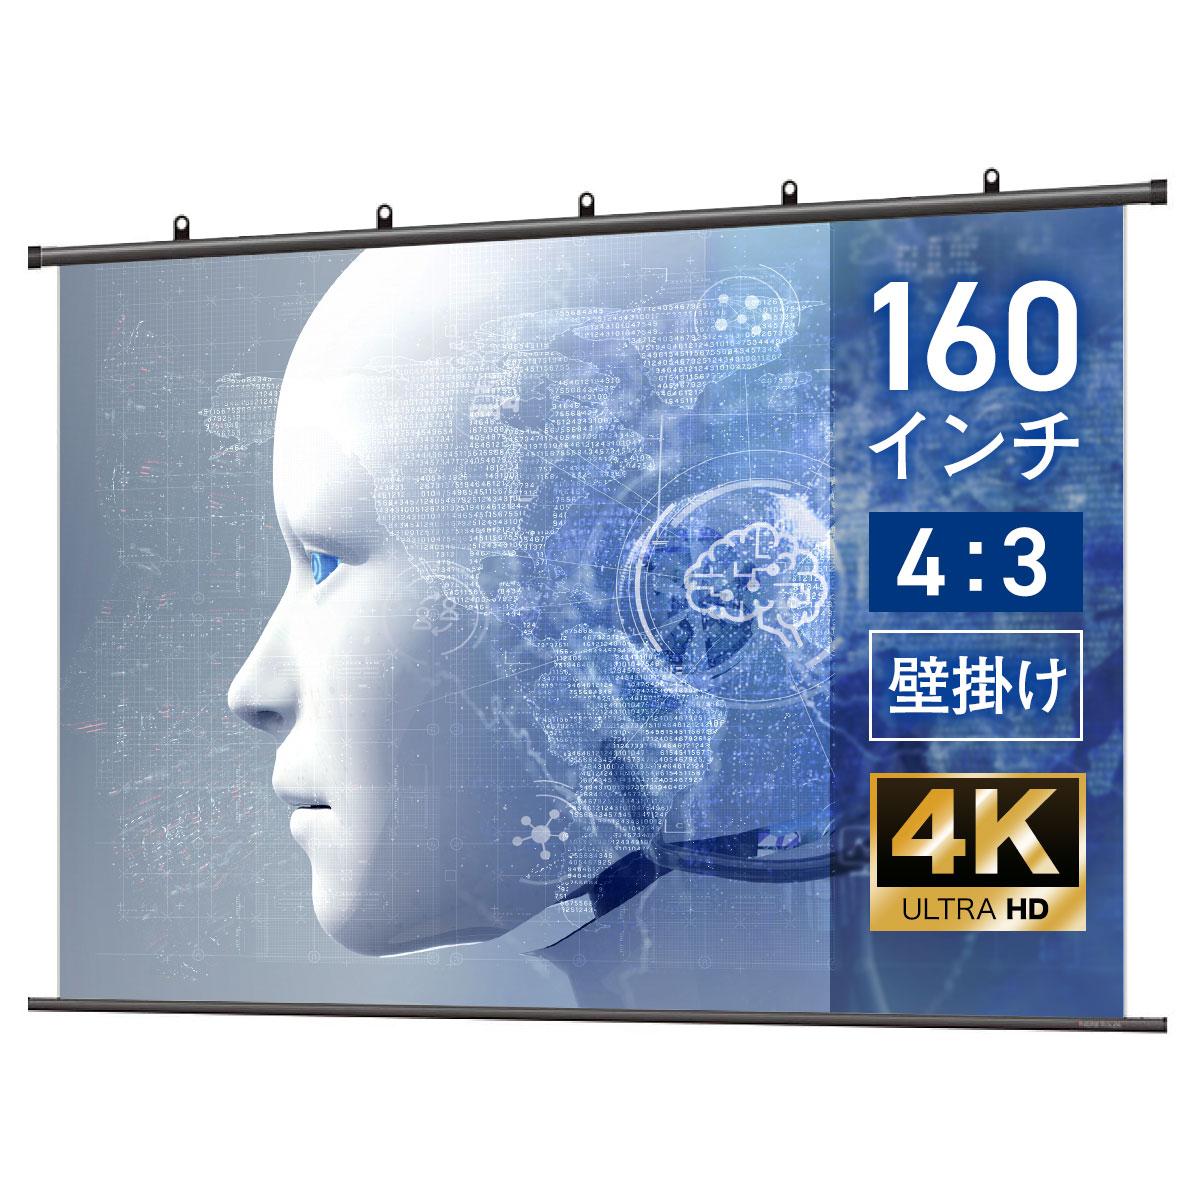 最高の品質 シアターハウス 4K対応 プロジェクタースクリーン 4K対応 BTP3252NEH 160インチ (4:3) タペストリー(掛け軸)タイプ マスクフリー マスクフリー BTP3252NEH, 大人気新品:690ce6bc --- esef.localized.me